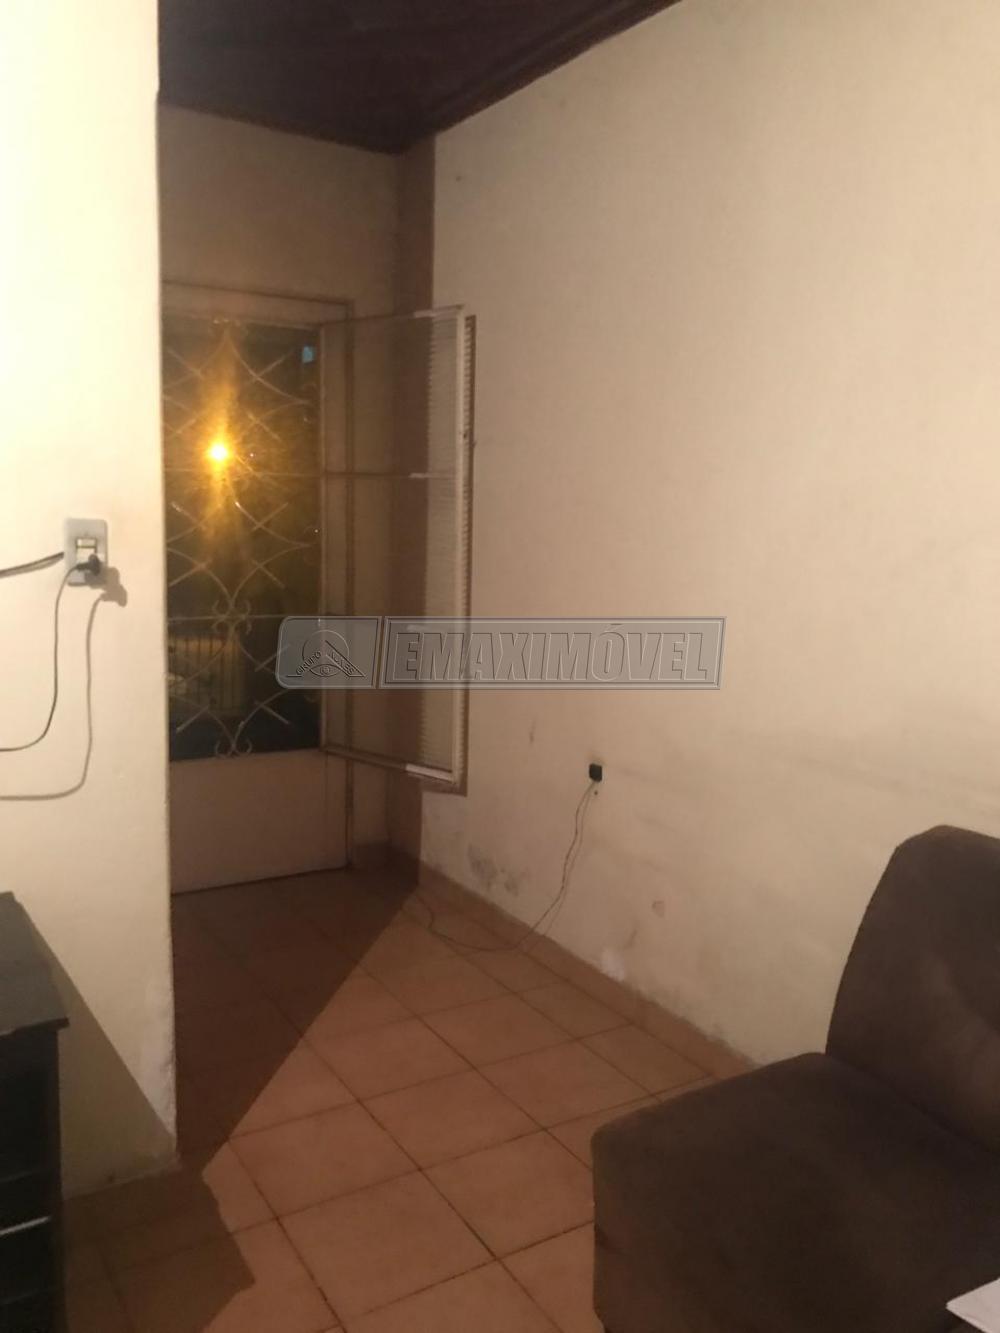 Comprar Casas / em Bairros em Sorocaba apenas R$ 169.000,00 - Foto 4